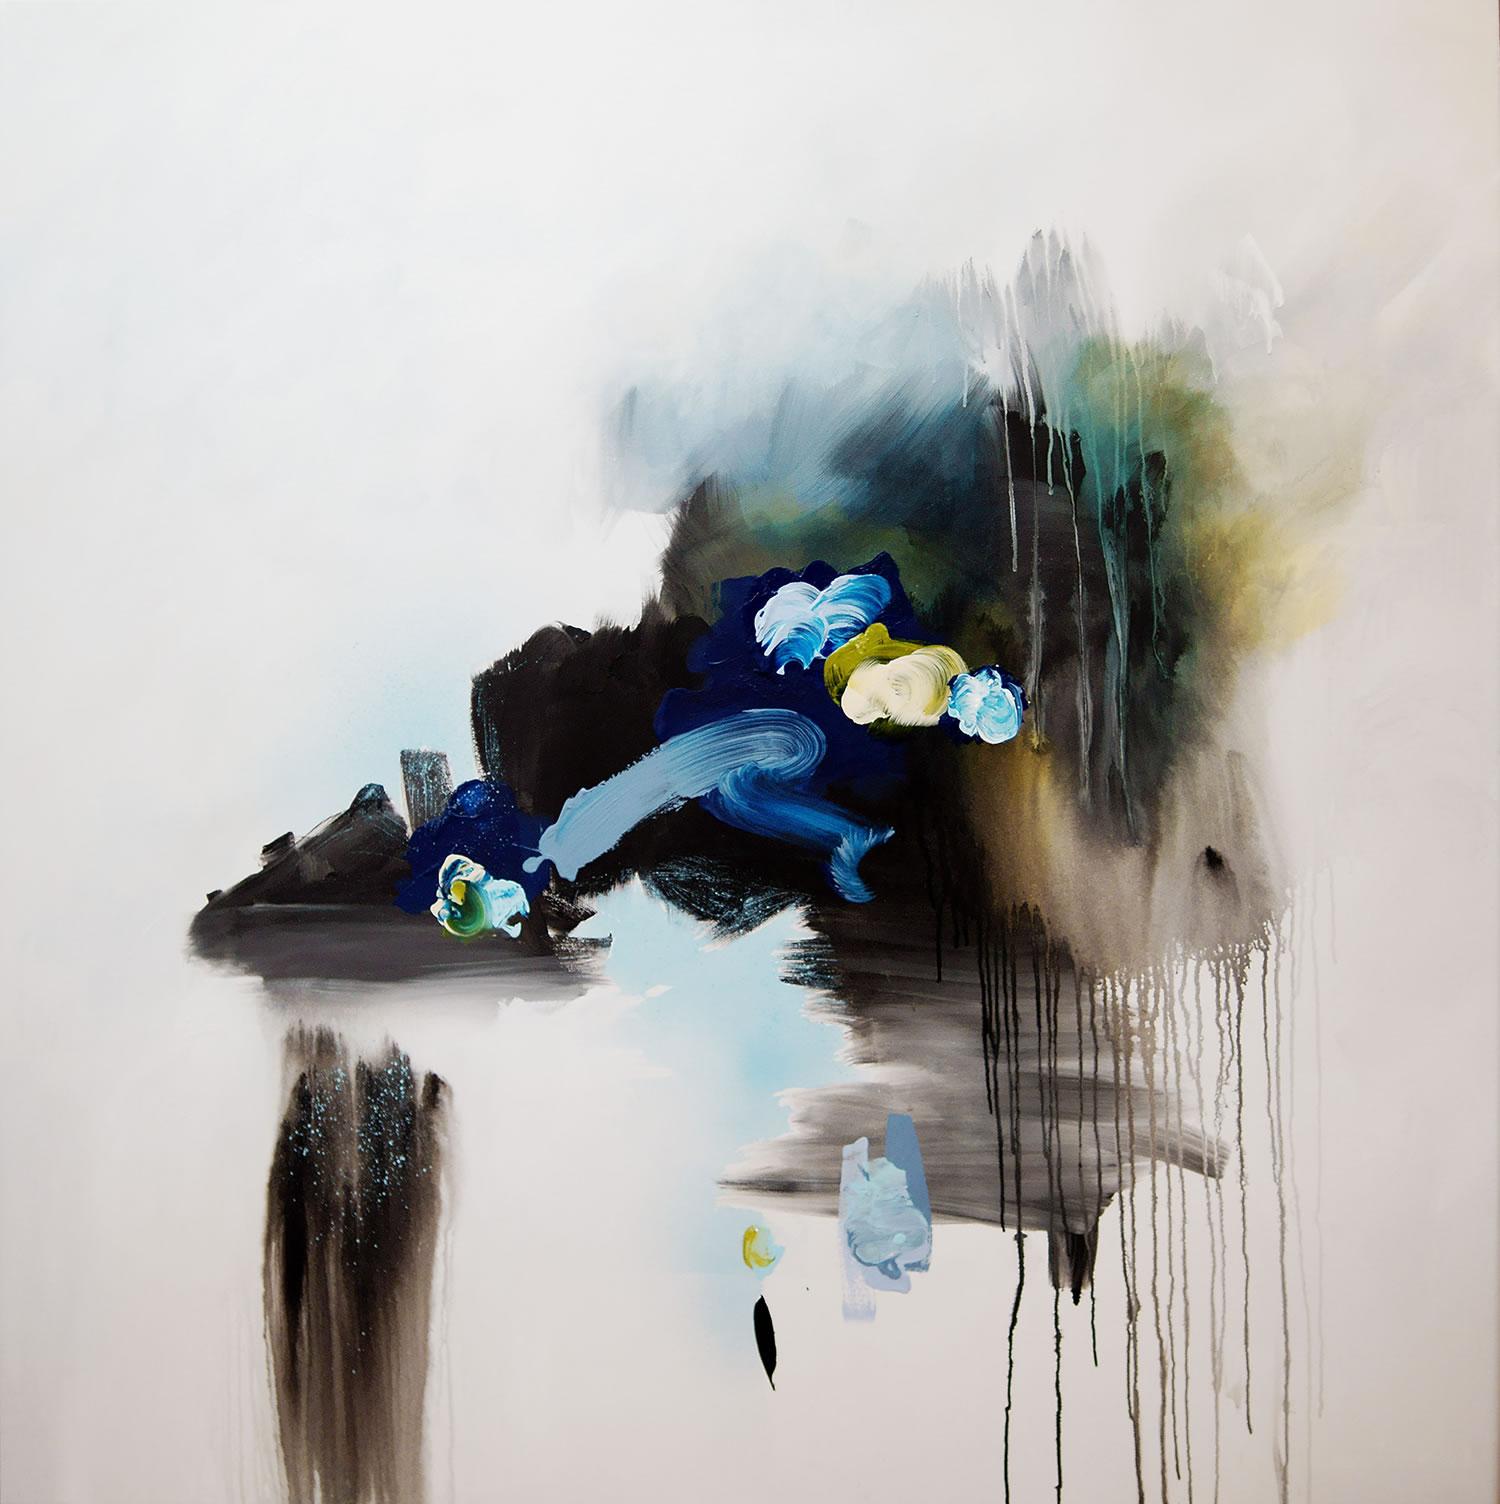 painting by Sylvie Adams